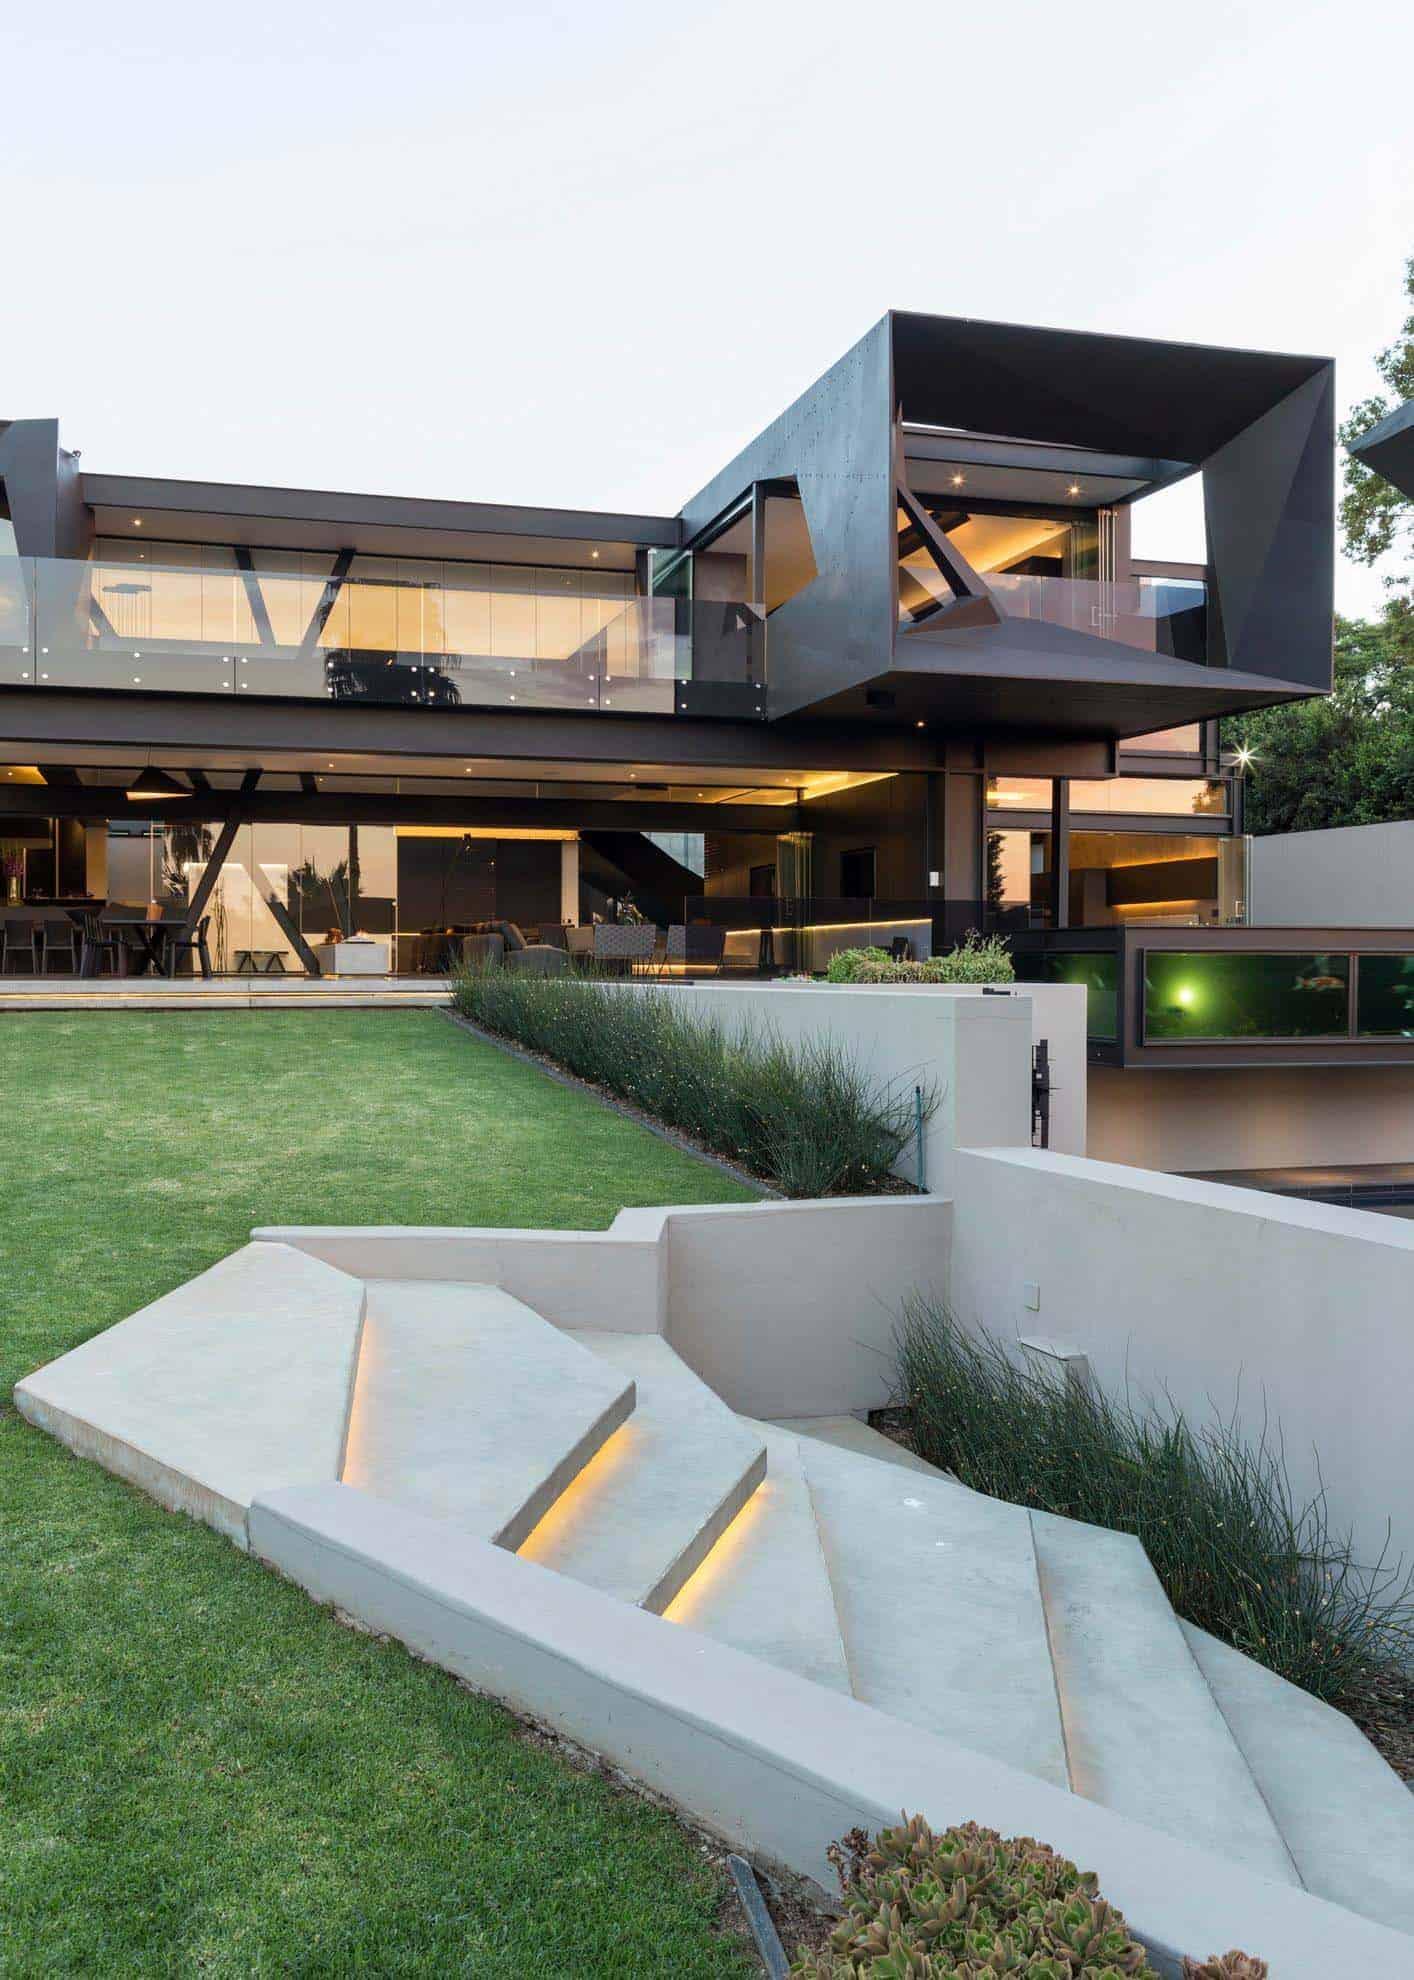 Imposing Modern Residence-Werner van der Meulen-00-1 Kindesign